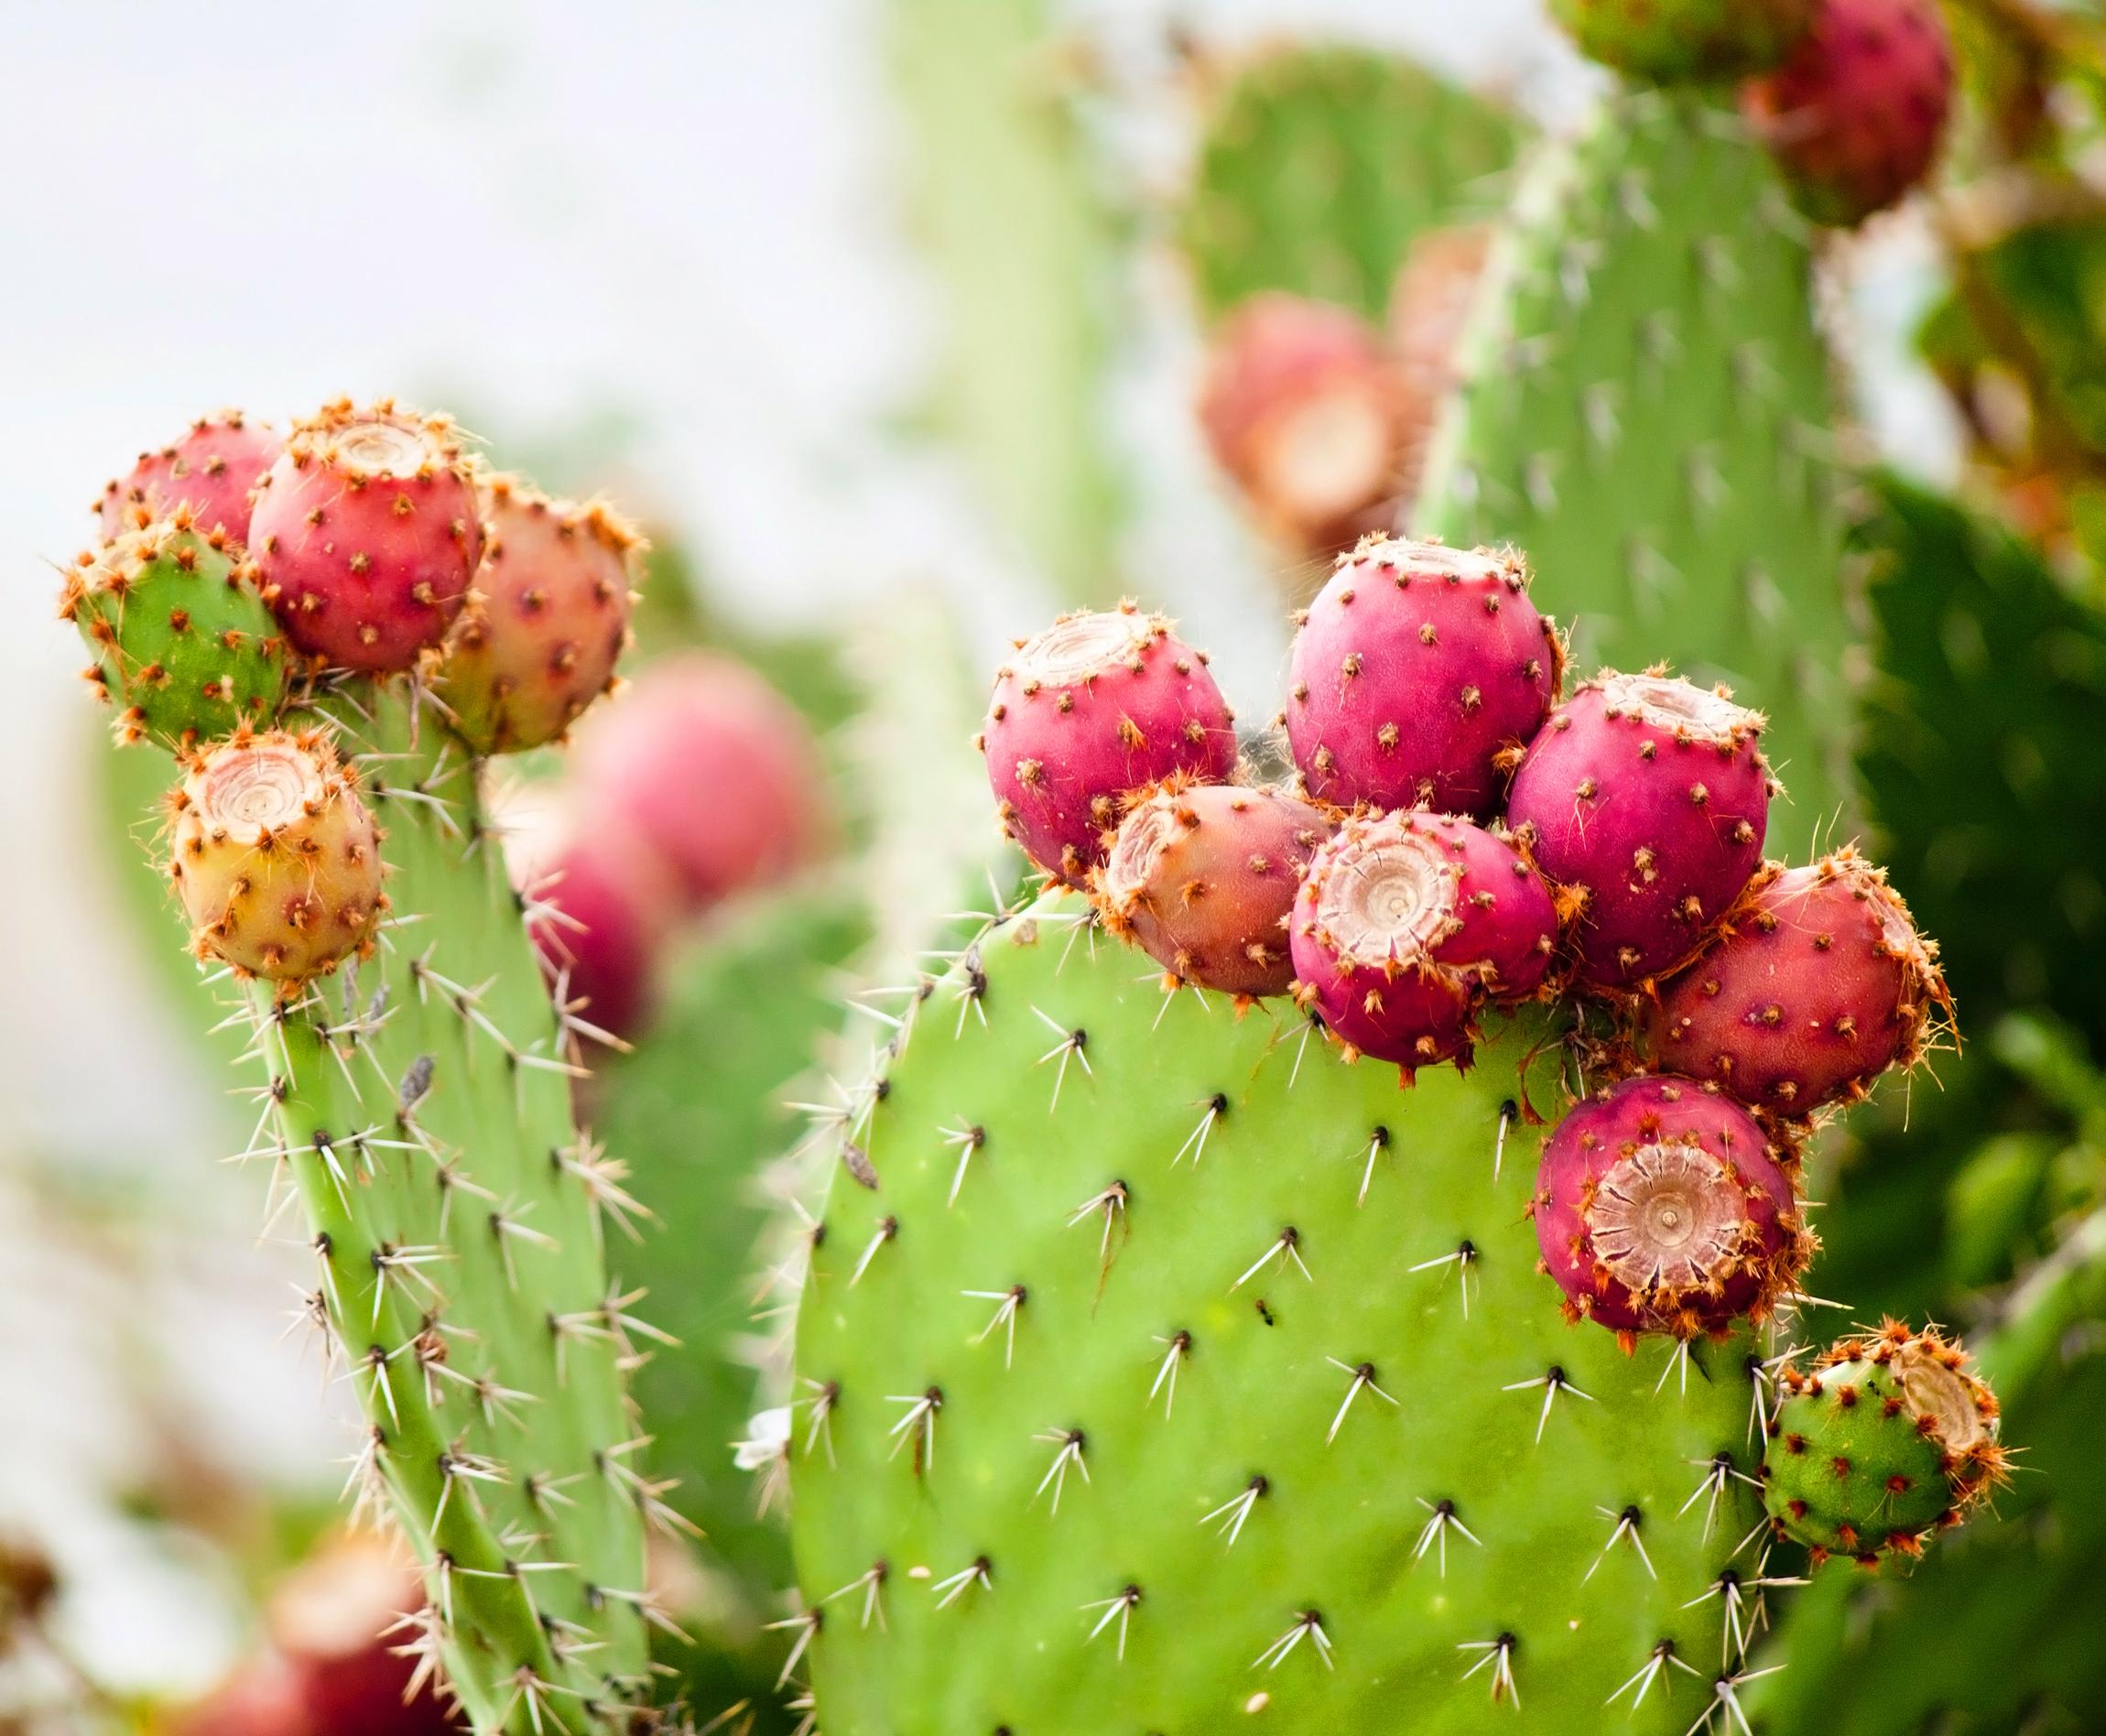 Prickly Pear Cactus   (Opuntia ficus-indica)